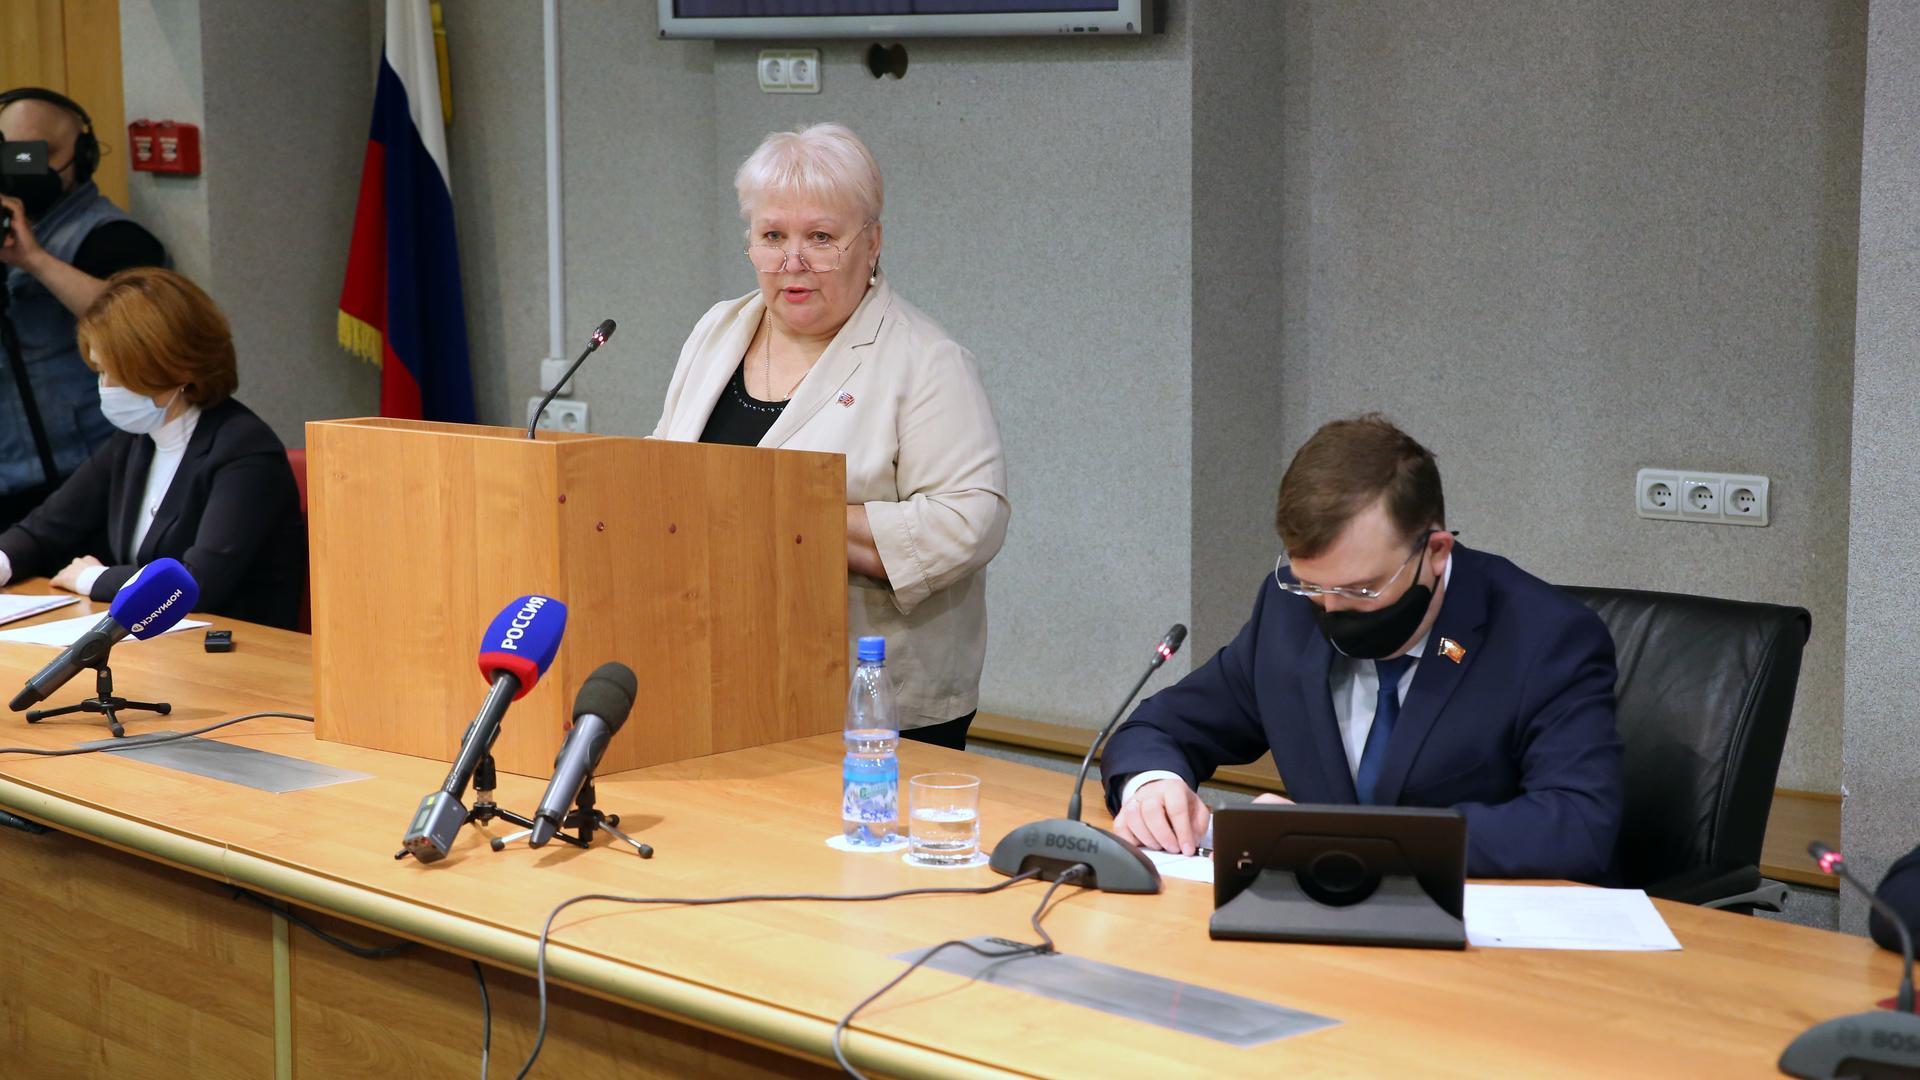 Людмила Магомедова рассказала норильским коллегам об итогах своей депутатской работы в Заксобрании